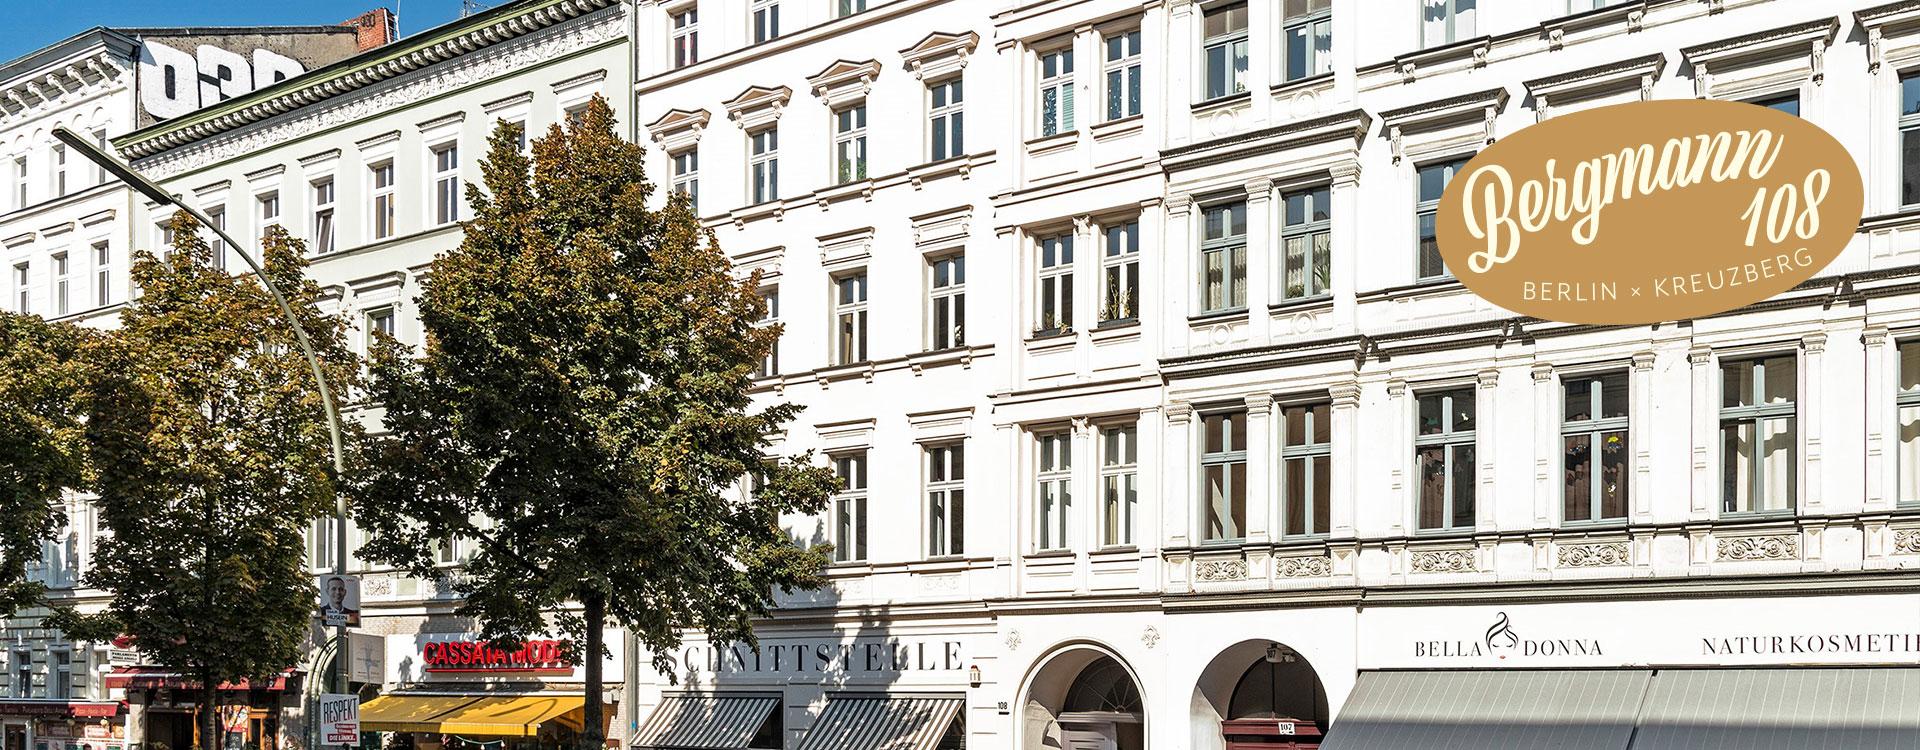 Bergmann108: Wohnungen in Kreuzberg kaufen